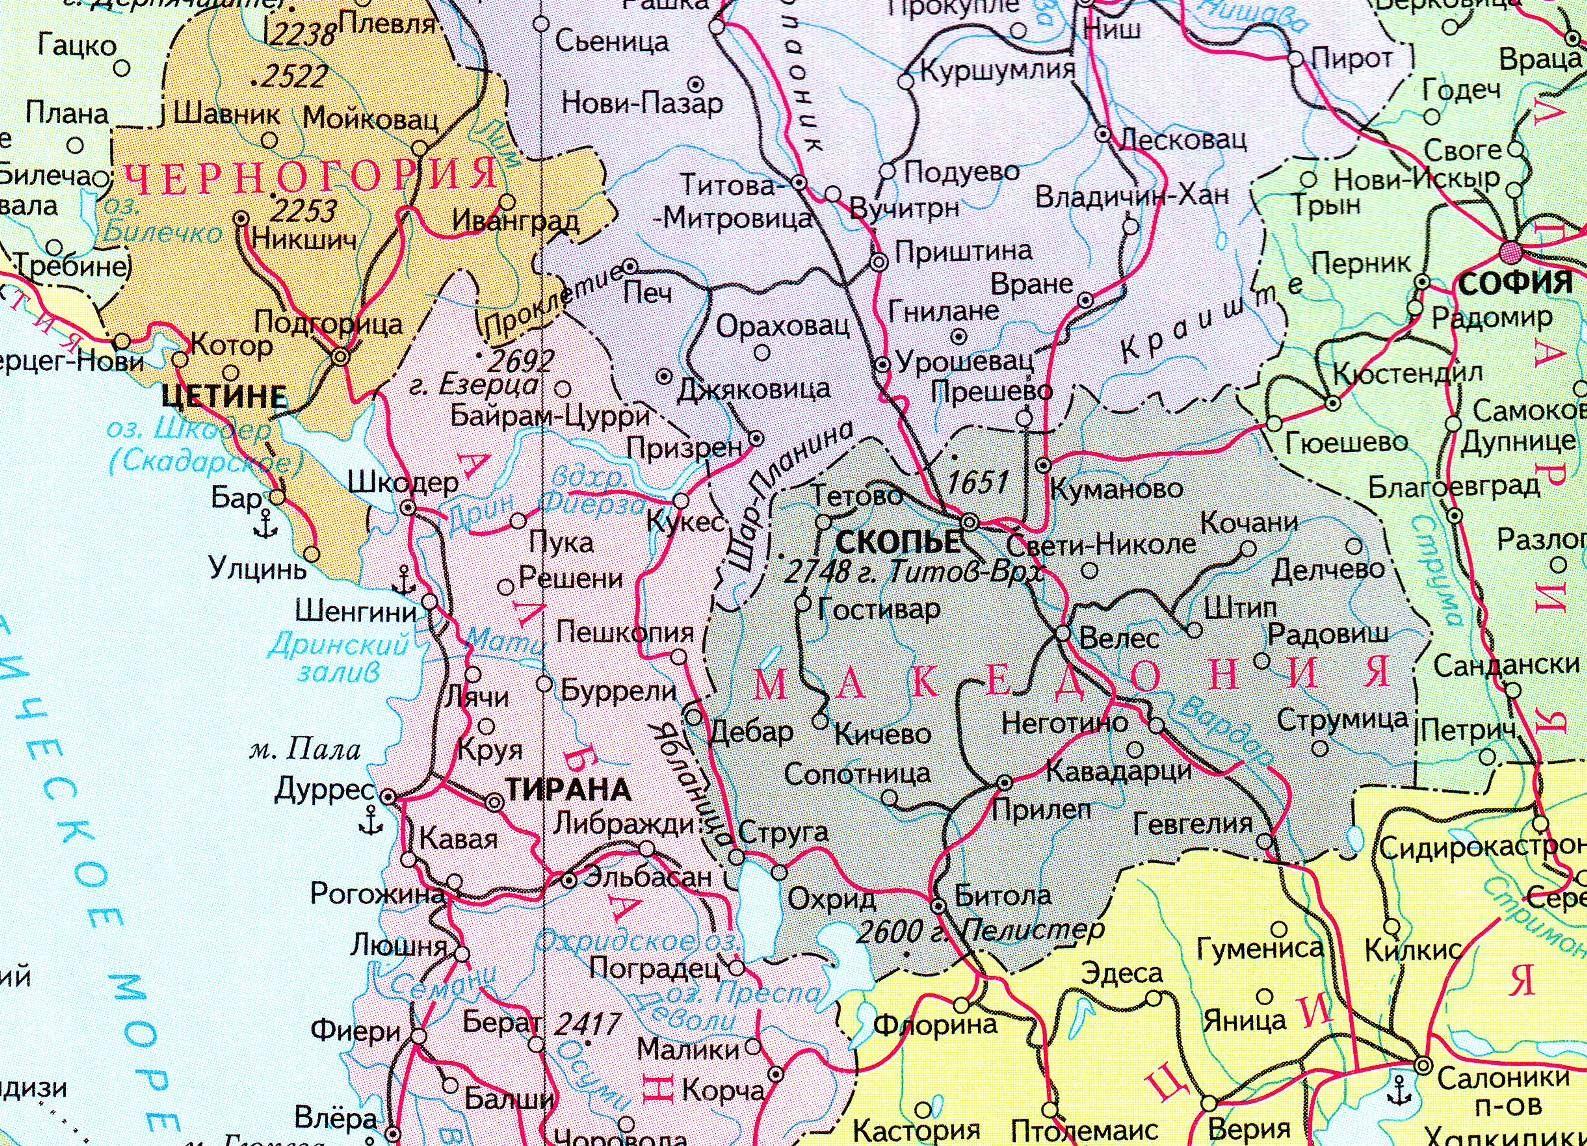 Karta Makedoniya Makedoniya Na Karte Infokart Vse Karty Seti